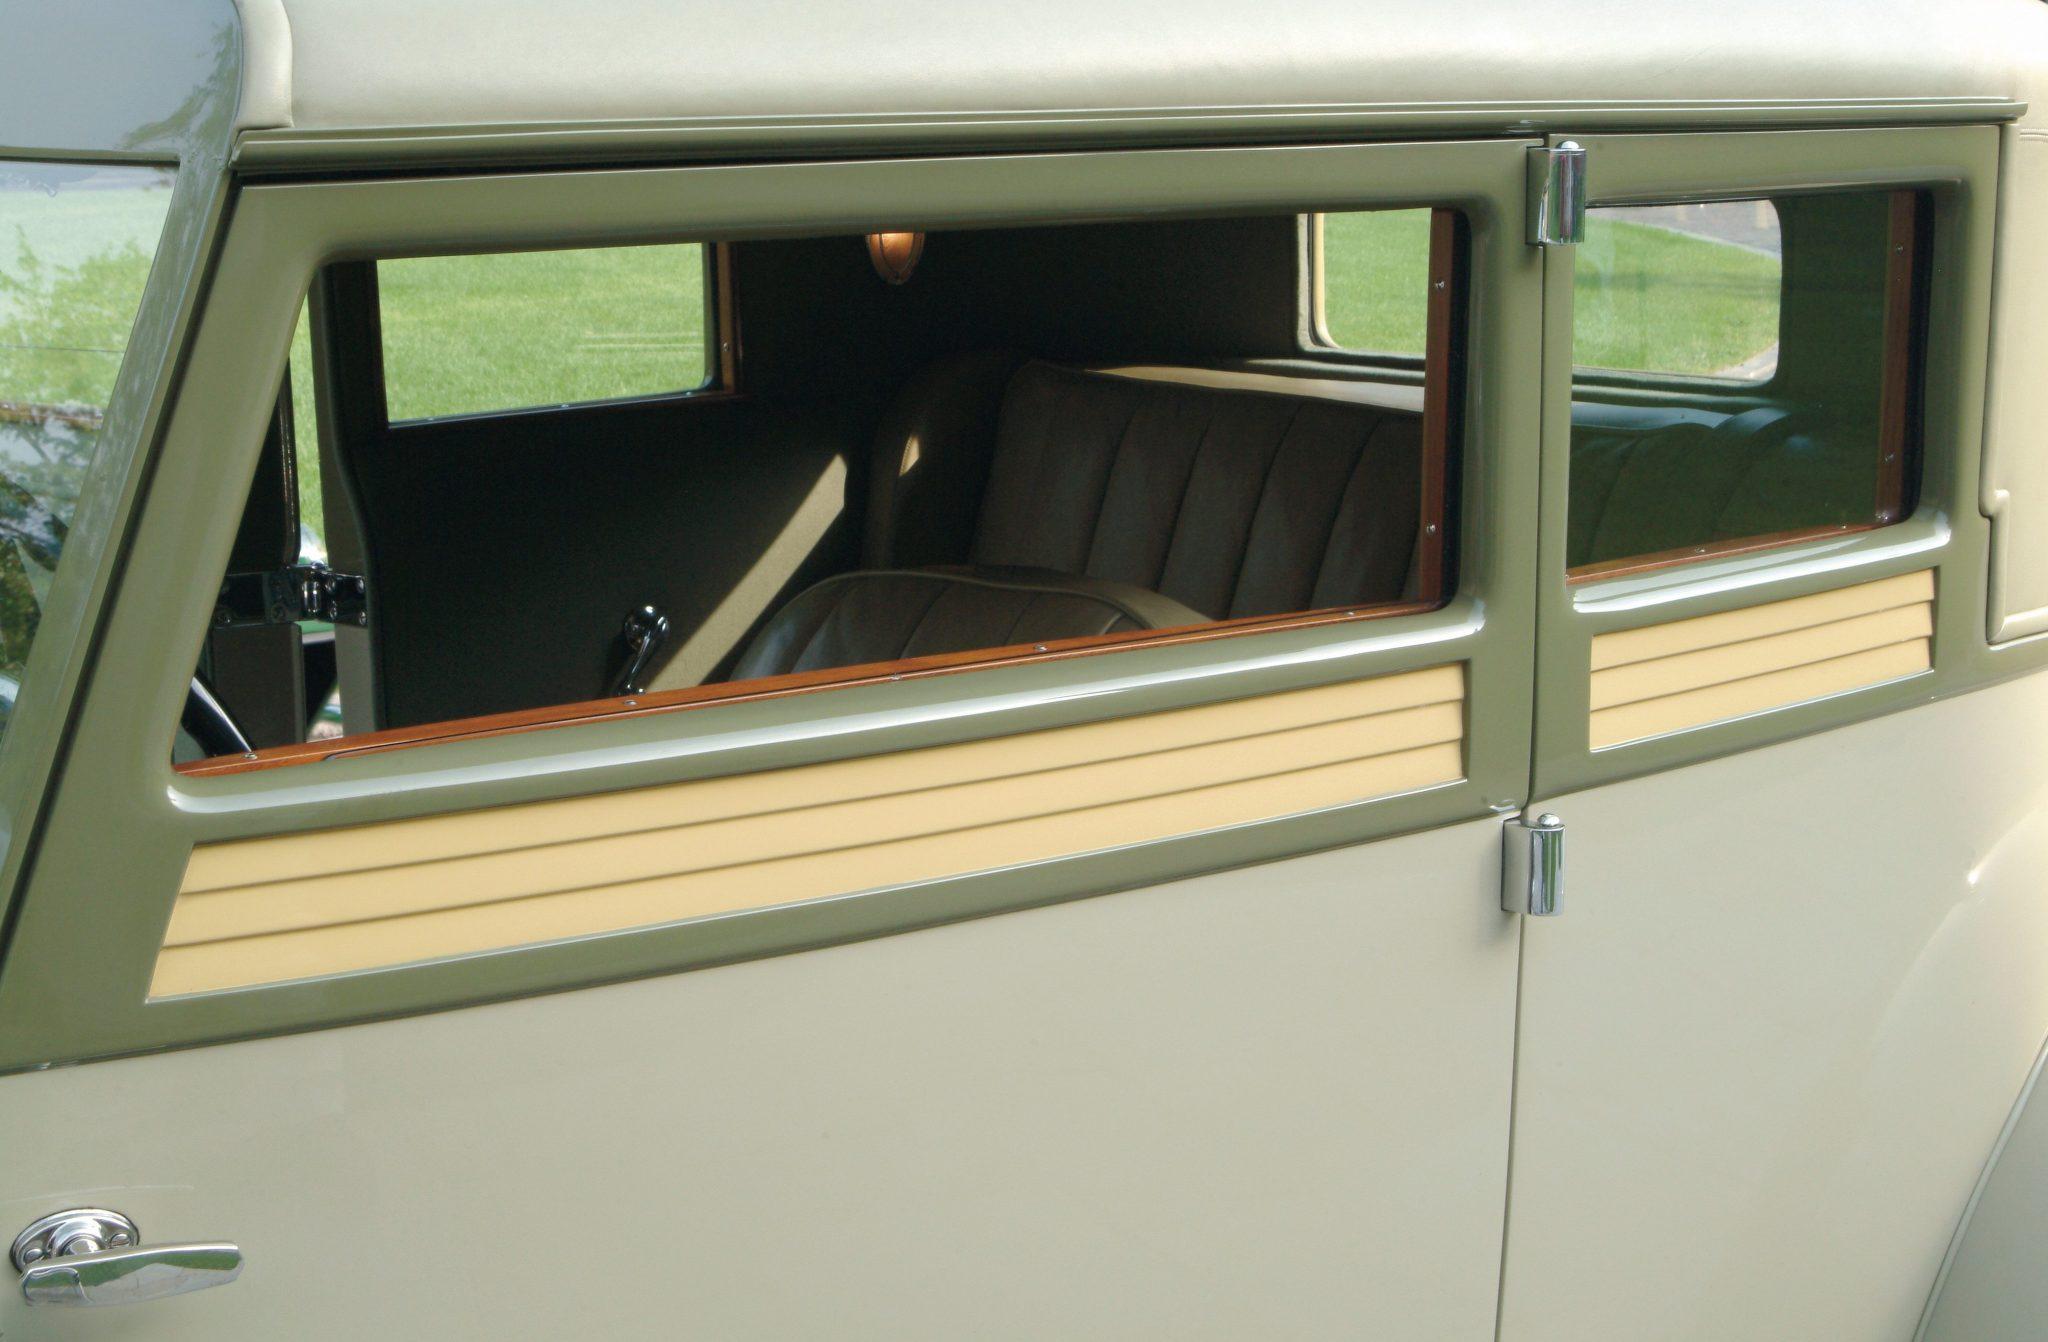 1932 Duesenberg Model J Victoria Coupe louver design details